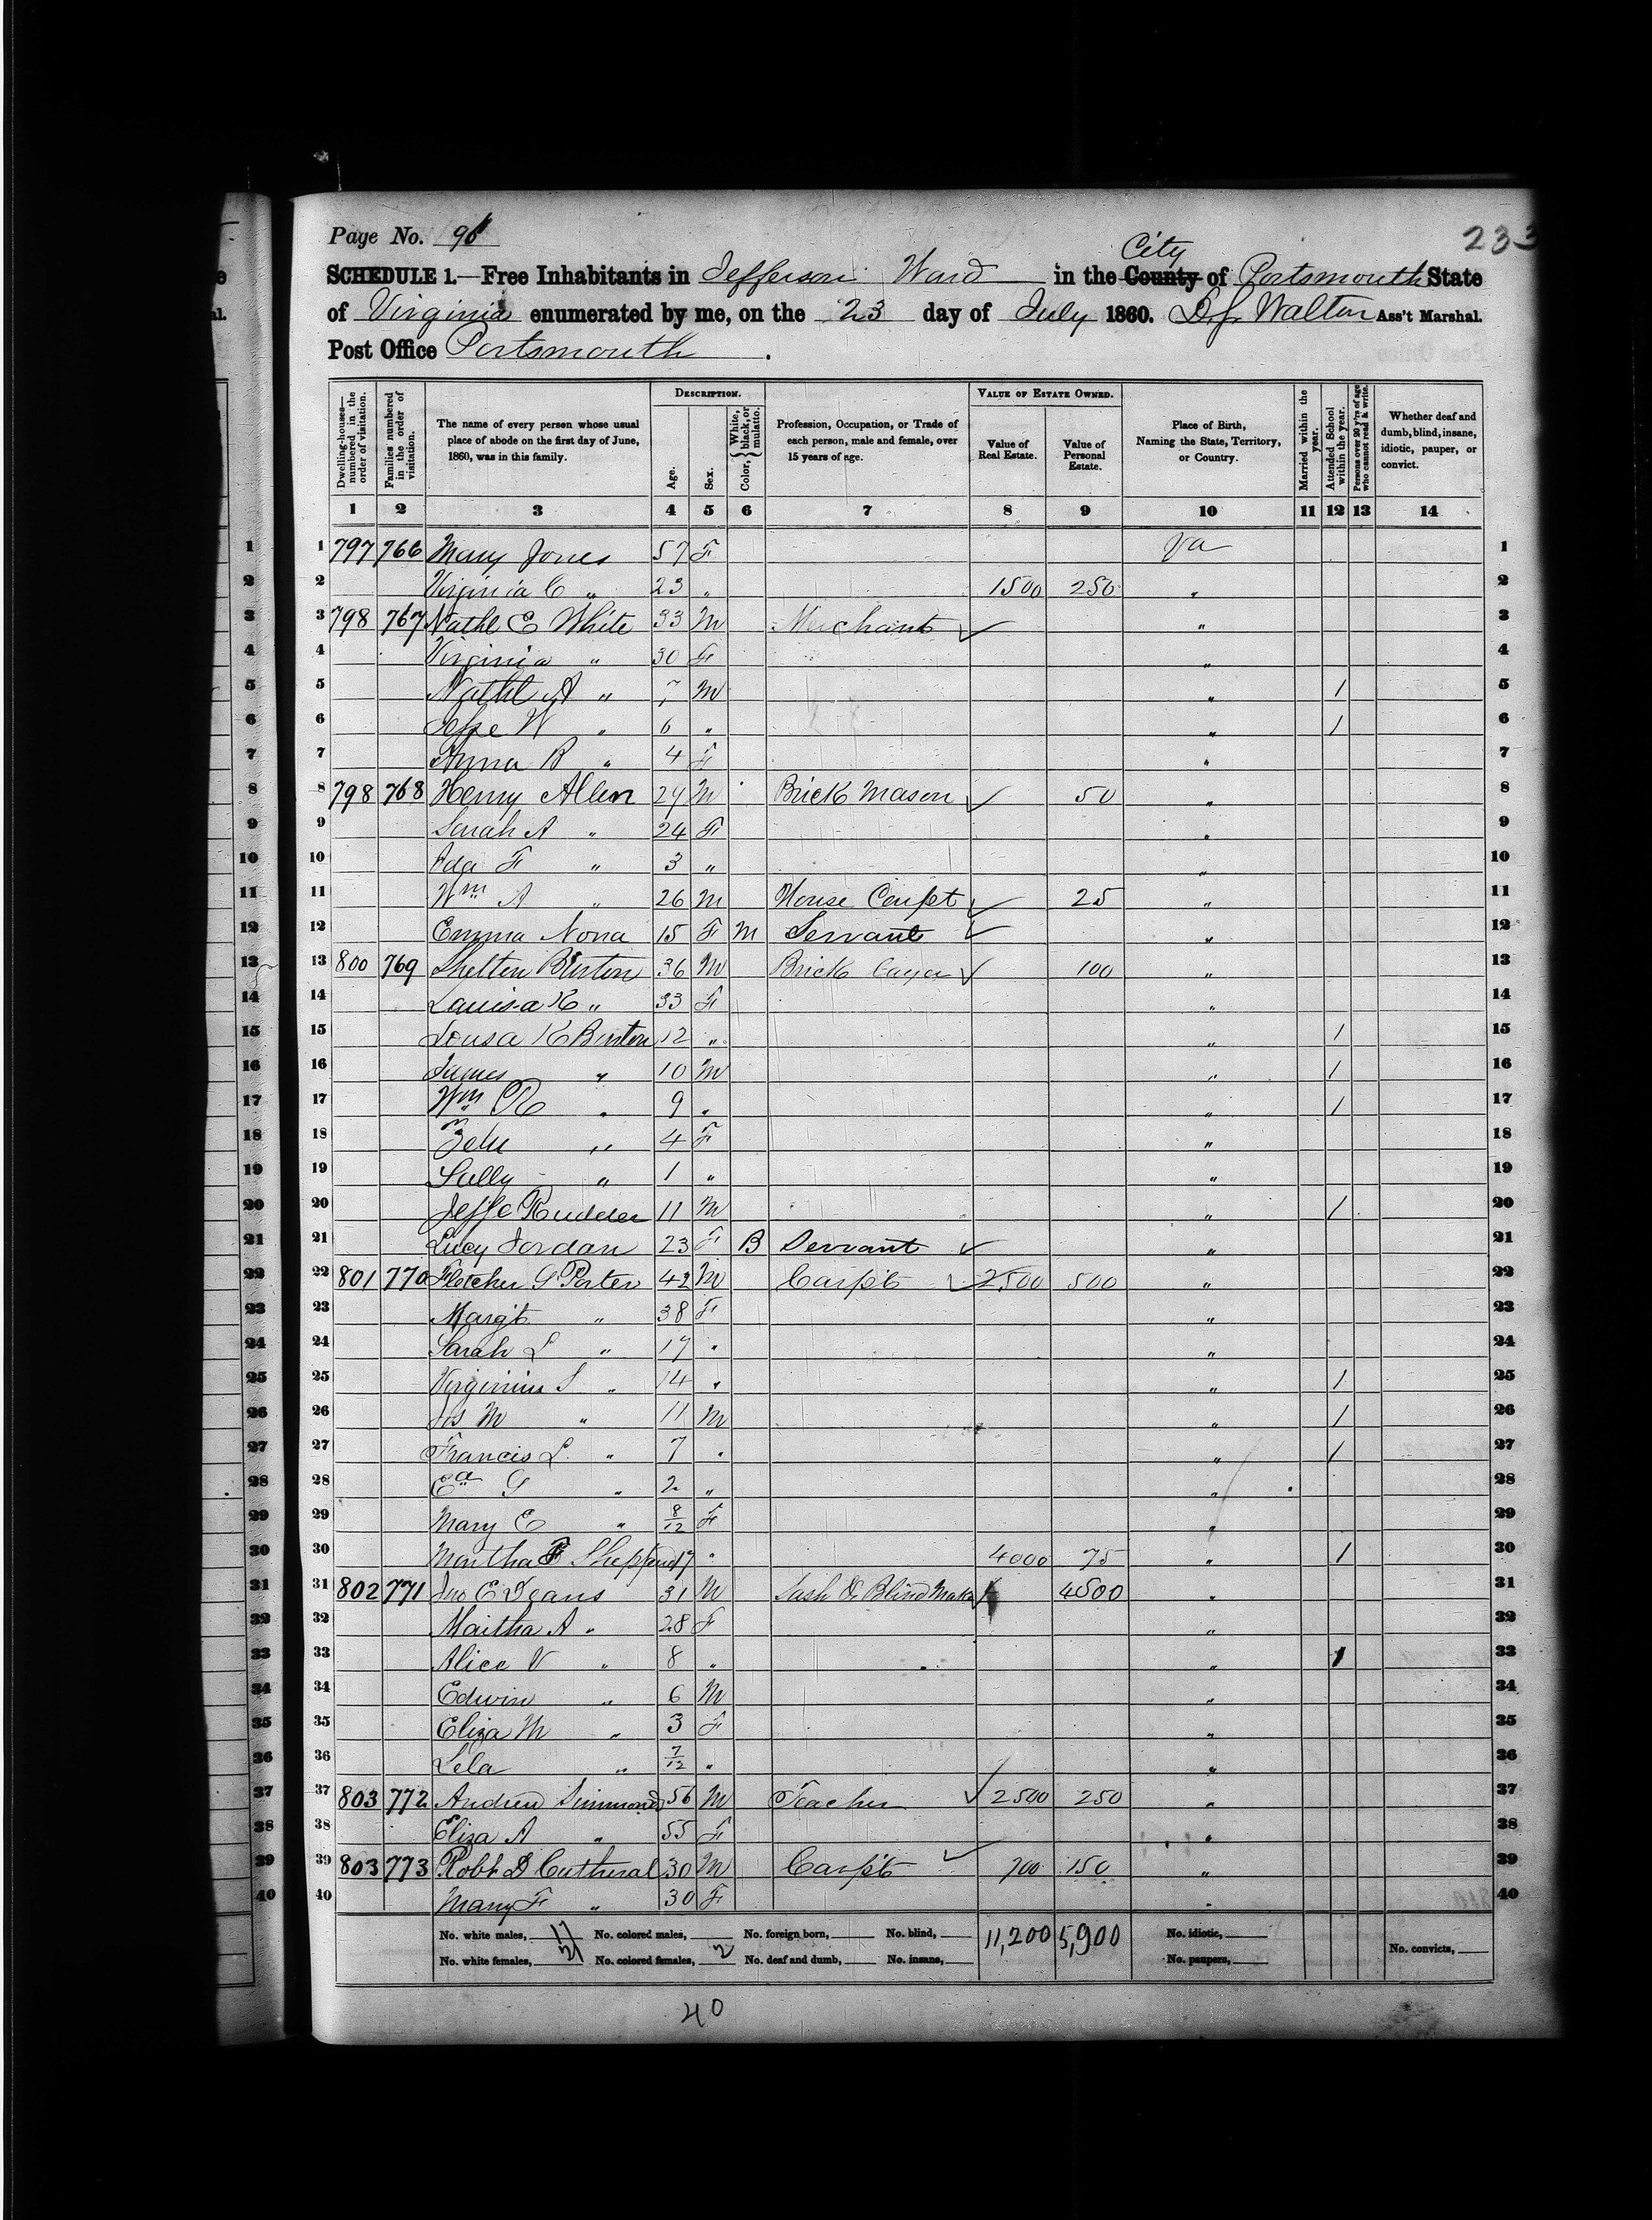 United States Census - 1860